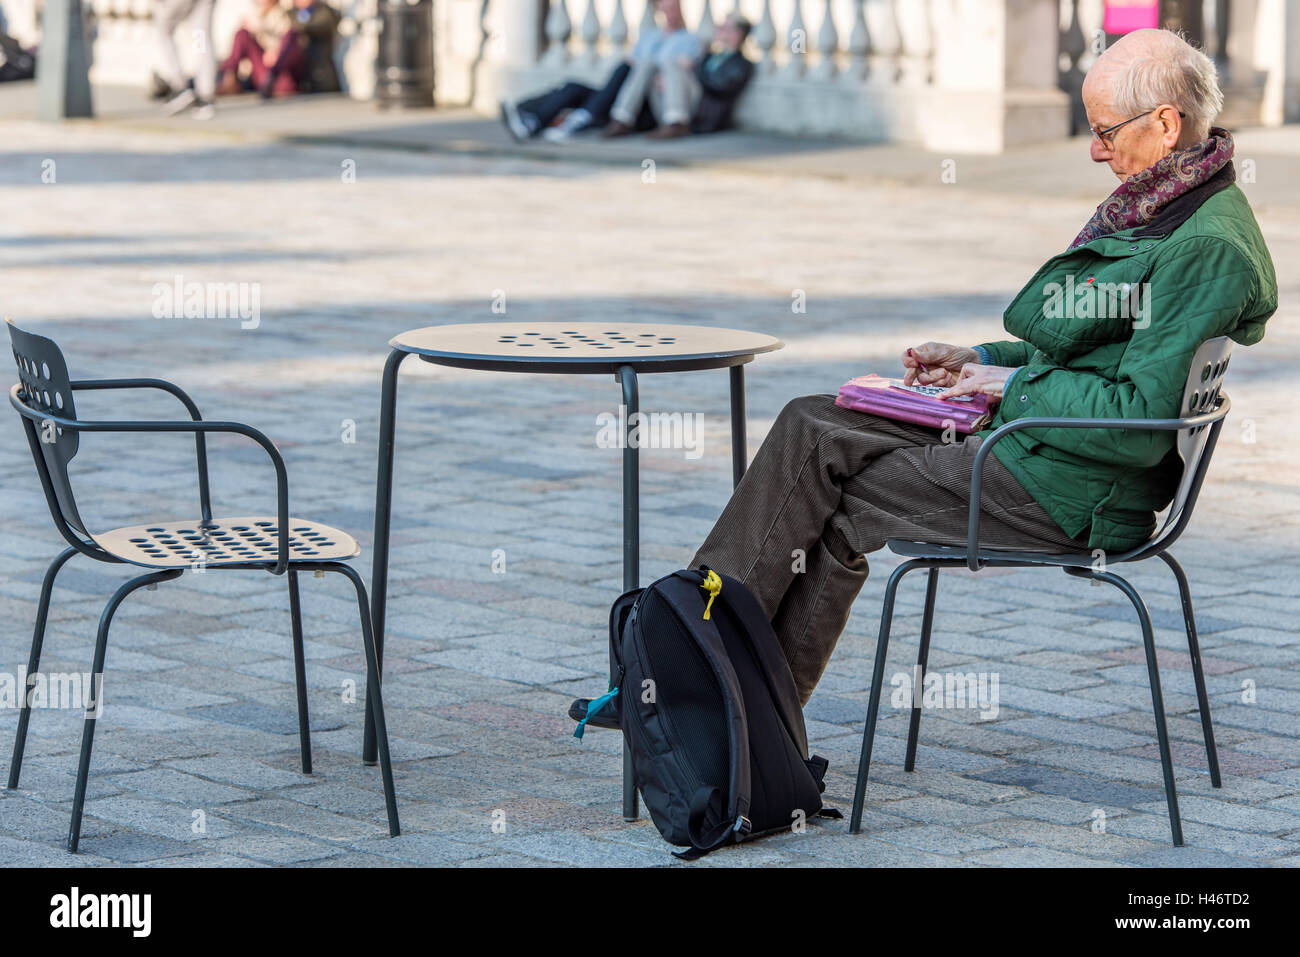 a422ad7aa60b6 Un anciano hombre sentado por sí mismo haciendo un crucigrama en el patio  del Somerset House